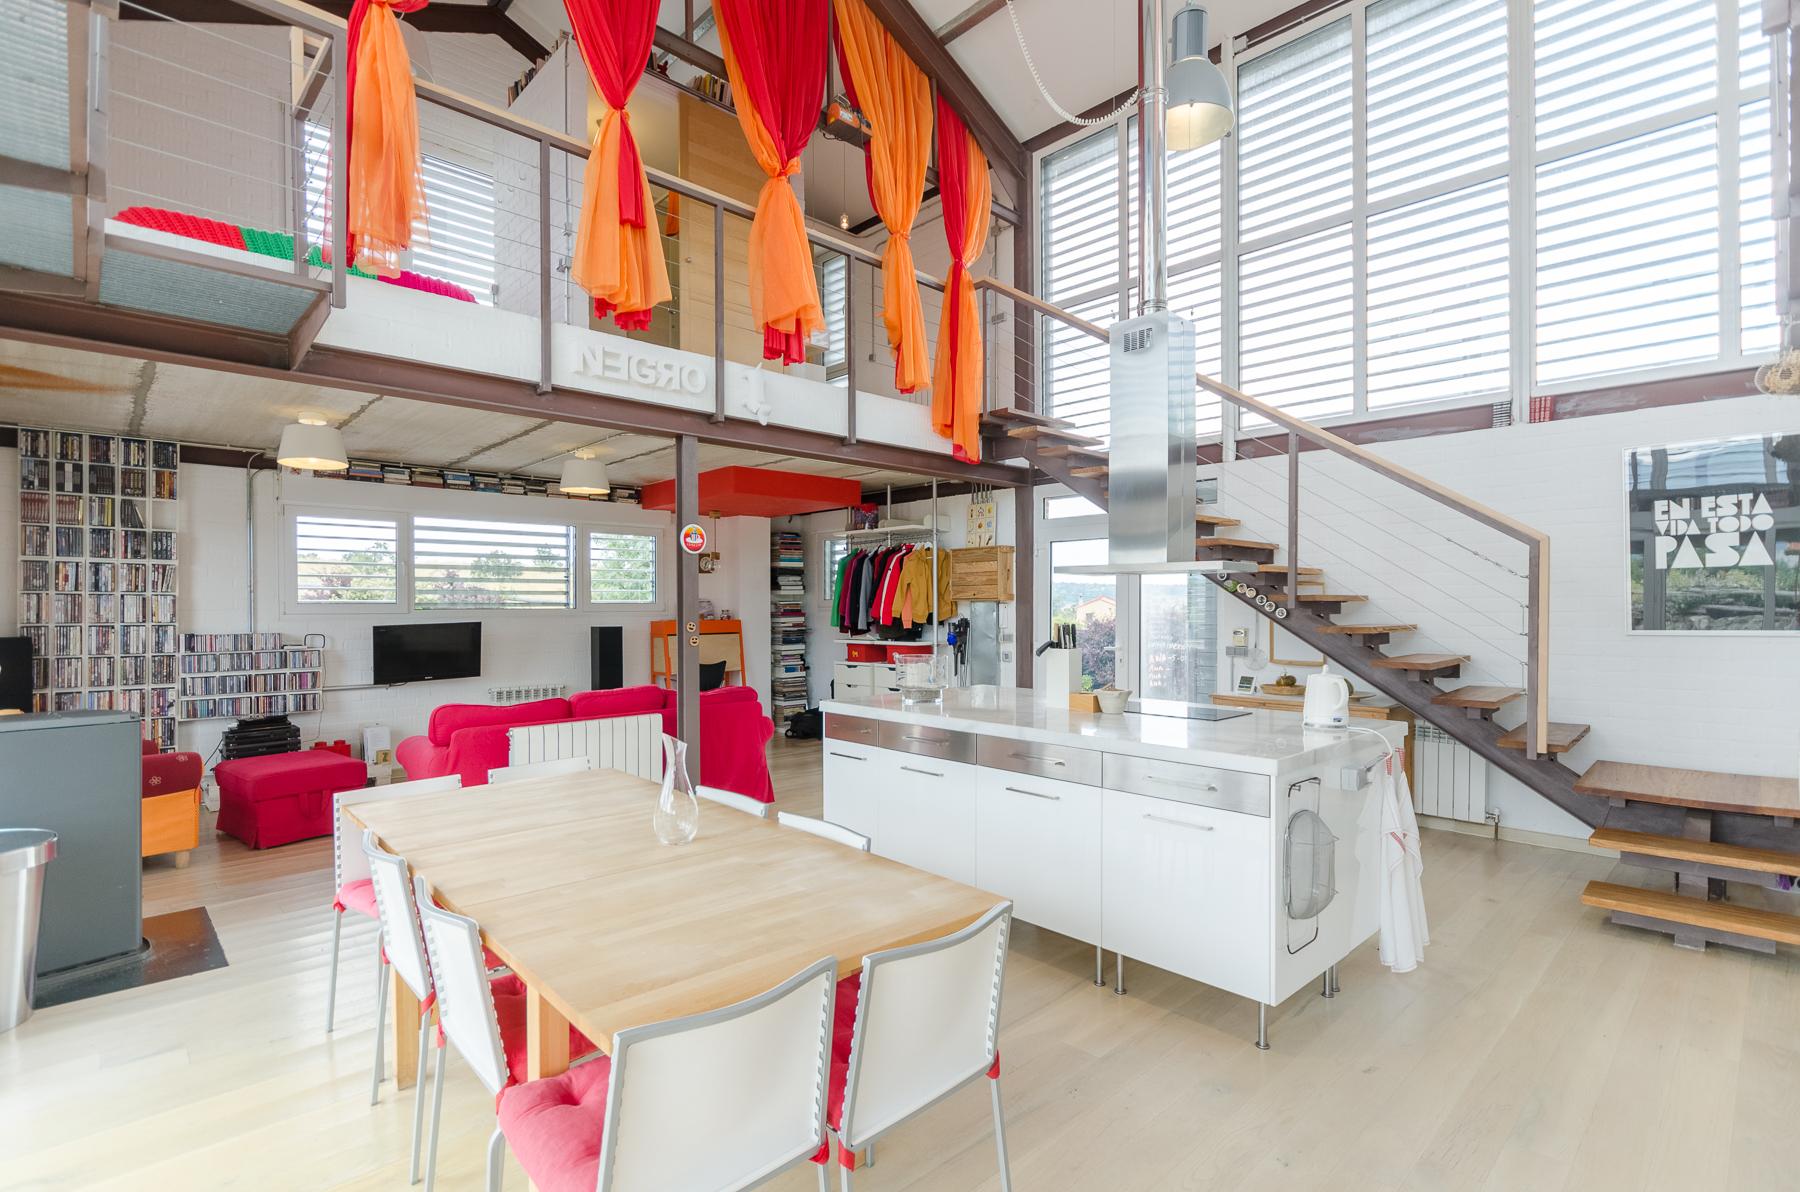 interior-casa-efiente-venta-pedraza-en-venta-en-Look-&-Find